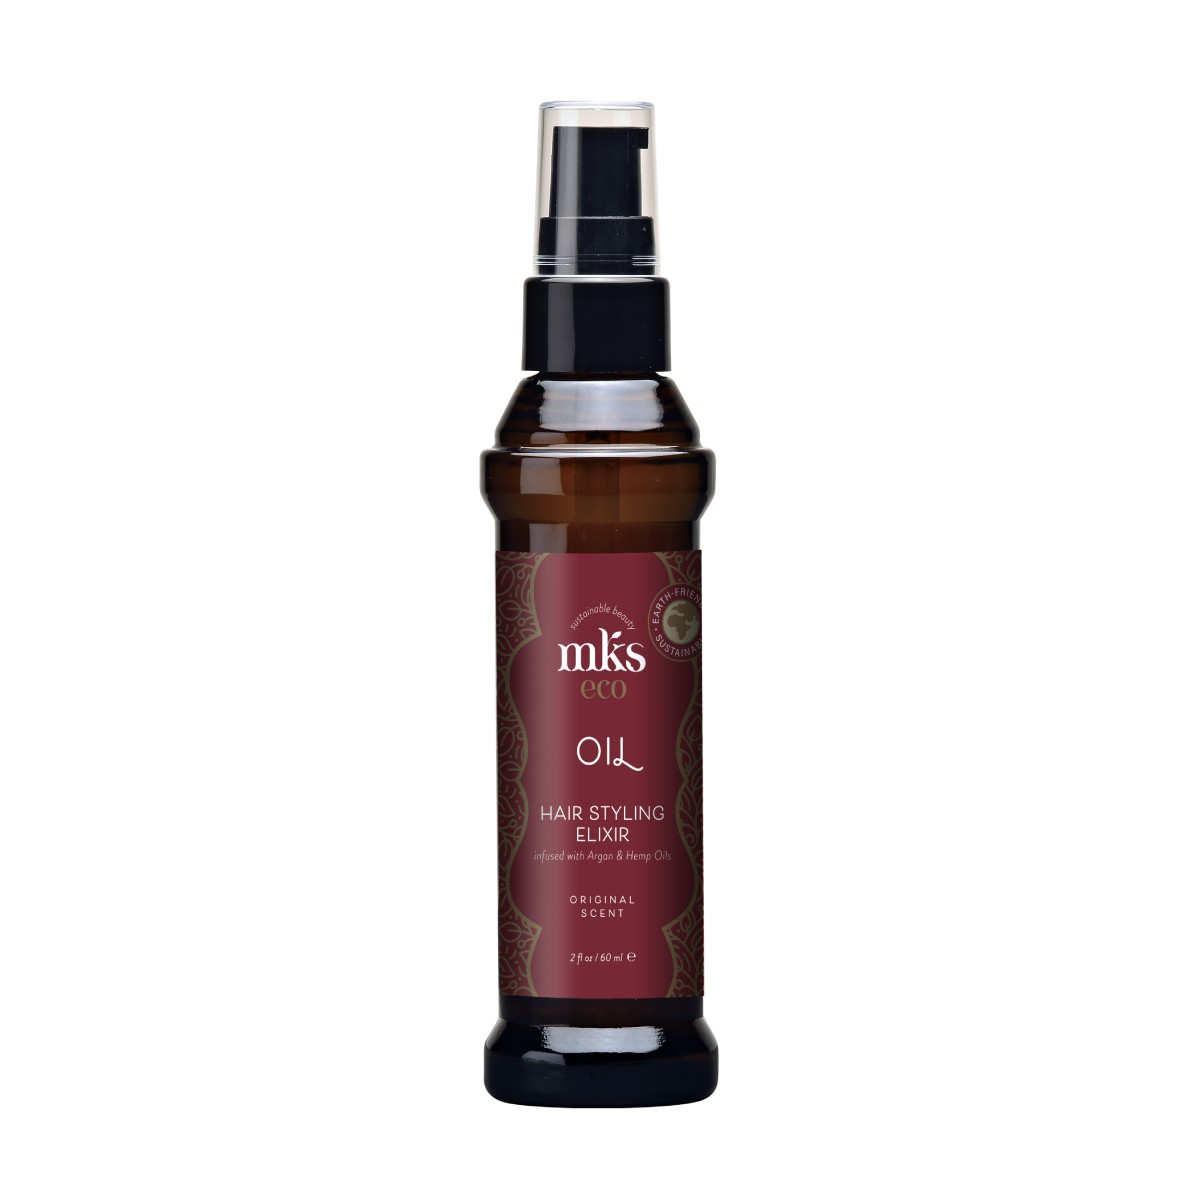 MKS ECO (Marrakesh) Original plaukų aliejus naujoje, aplinkai draugiškoje pakuotėje 60 ml;